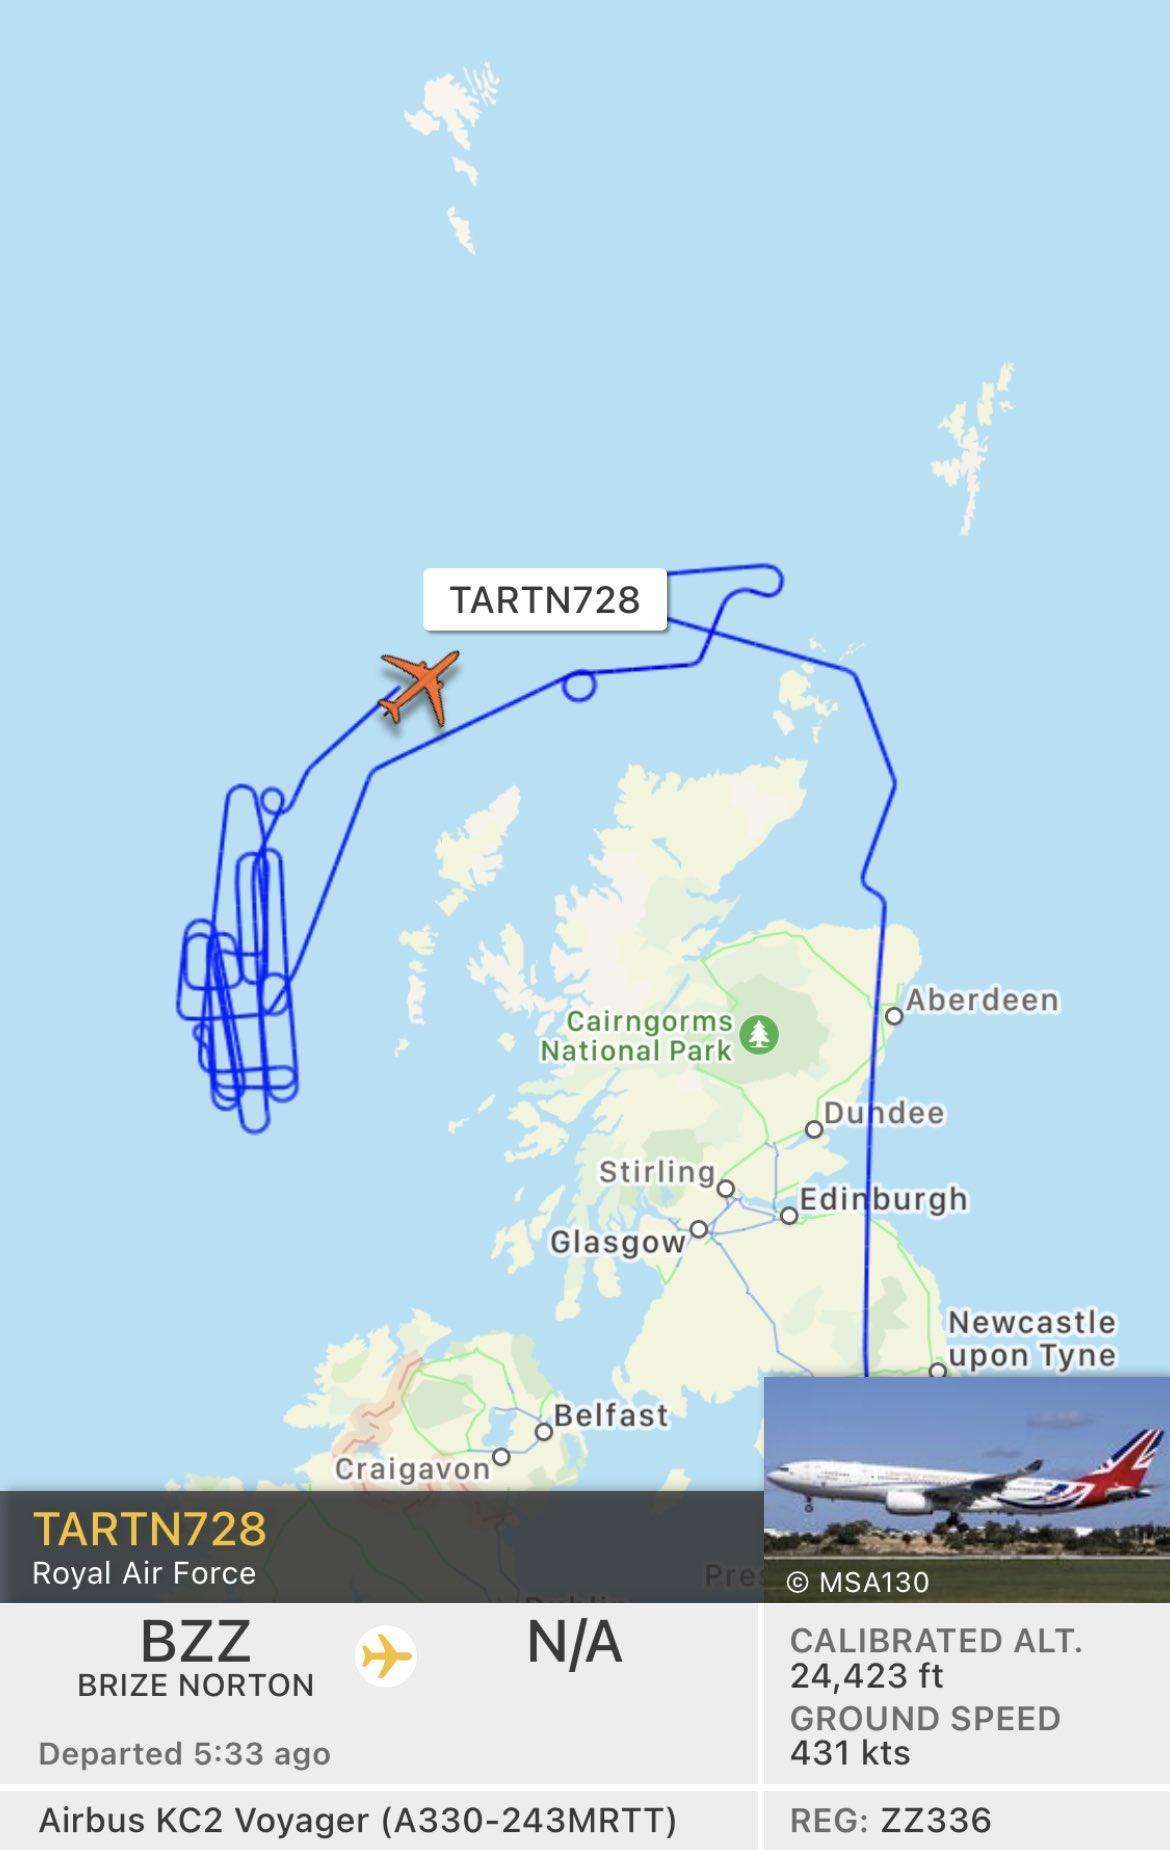 Траектория полета топливозаправщика Voyager во время перехвата российских Ту-142 28 ноября 2020 года